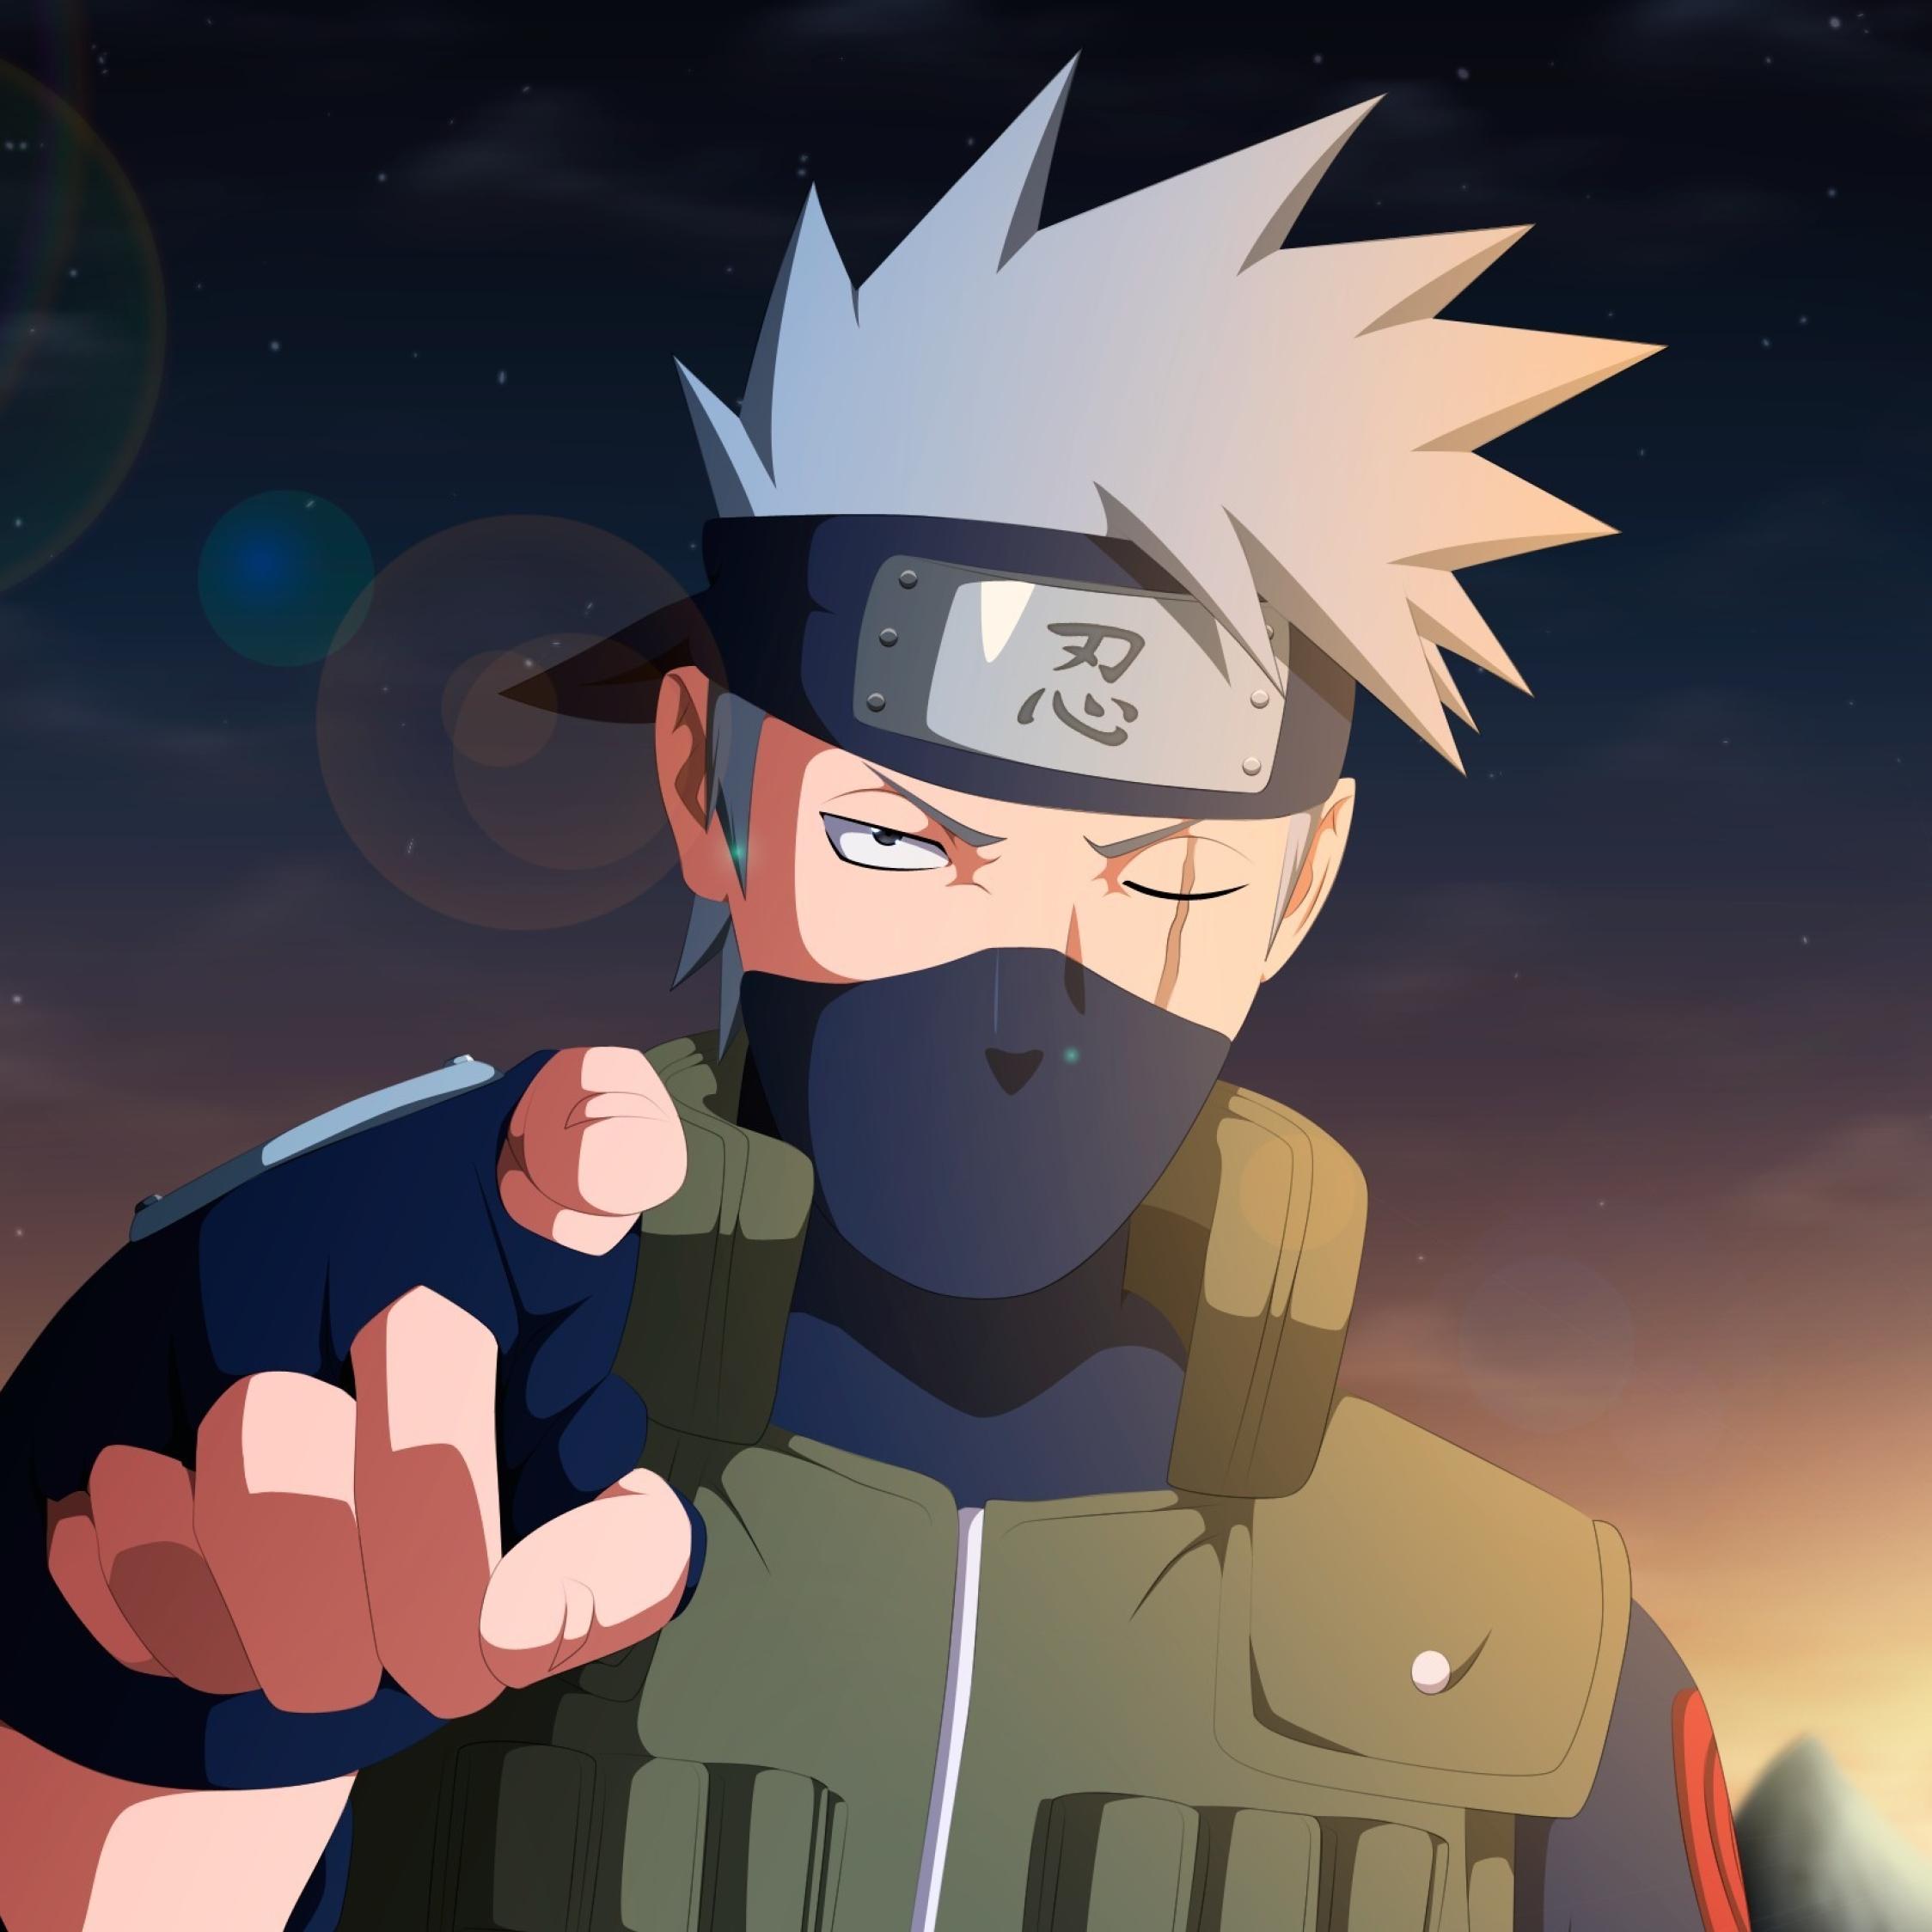 Wonderful Wallpaper Naruto Ipad - naruto-shippuden-naruto-kakashi_6746_2248x2248  Collection_892913.jpg